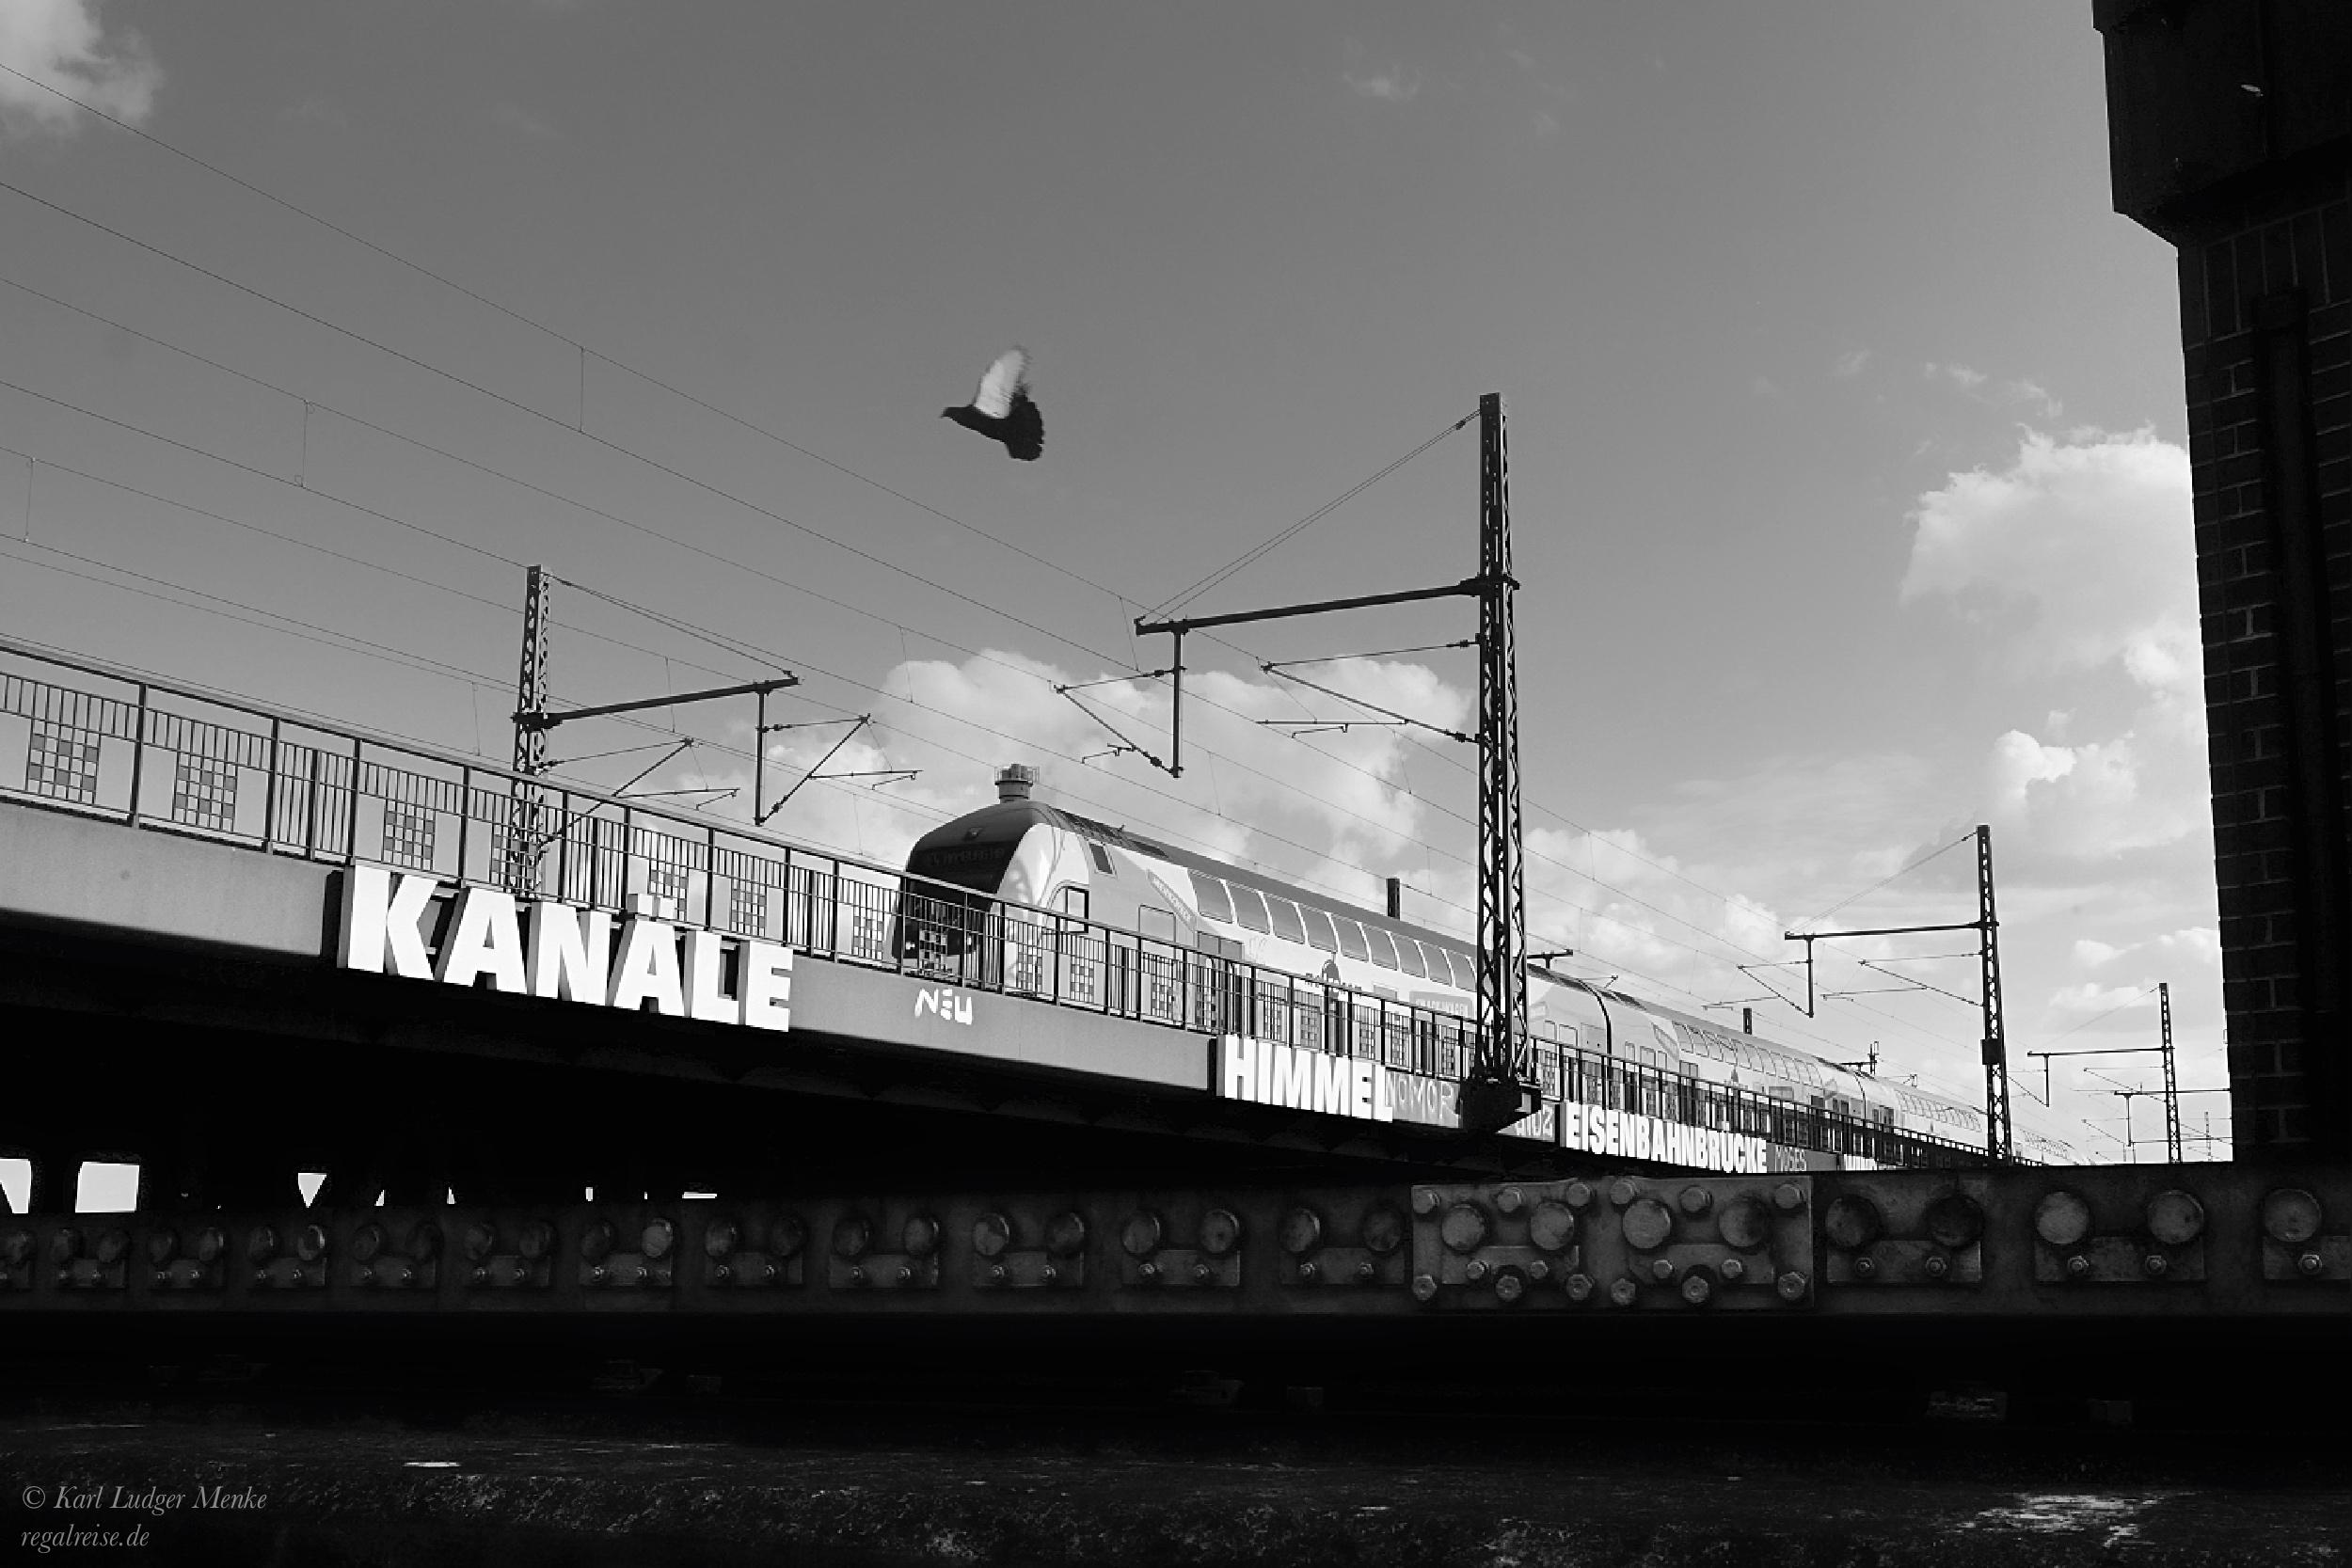 Eisenbahnbrücke in Hamburg von Karl Ludger Menke